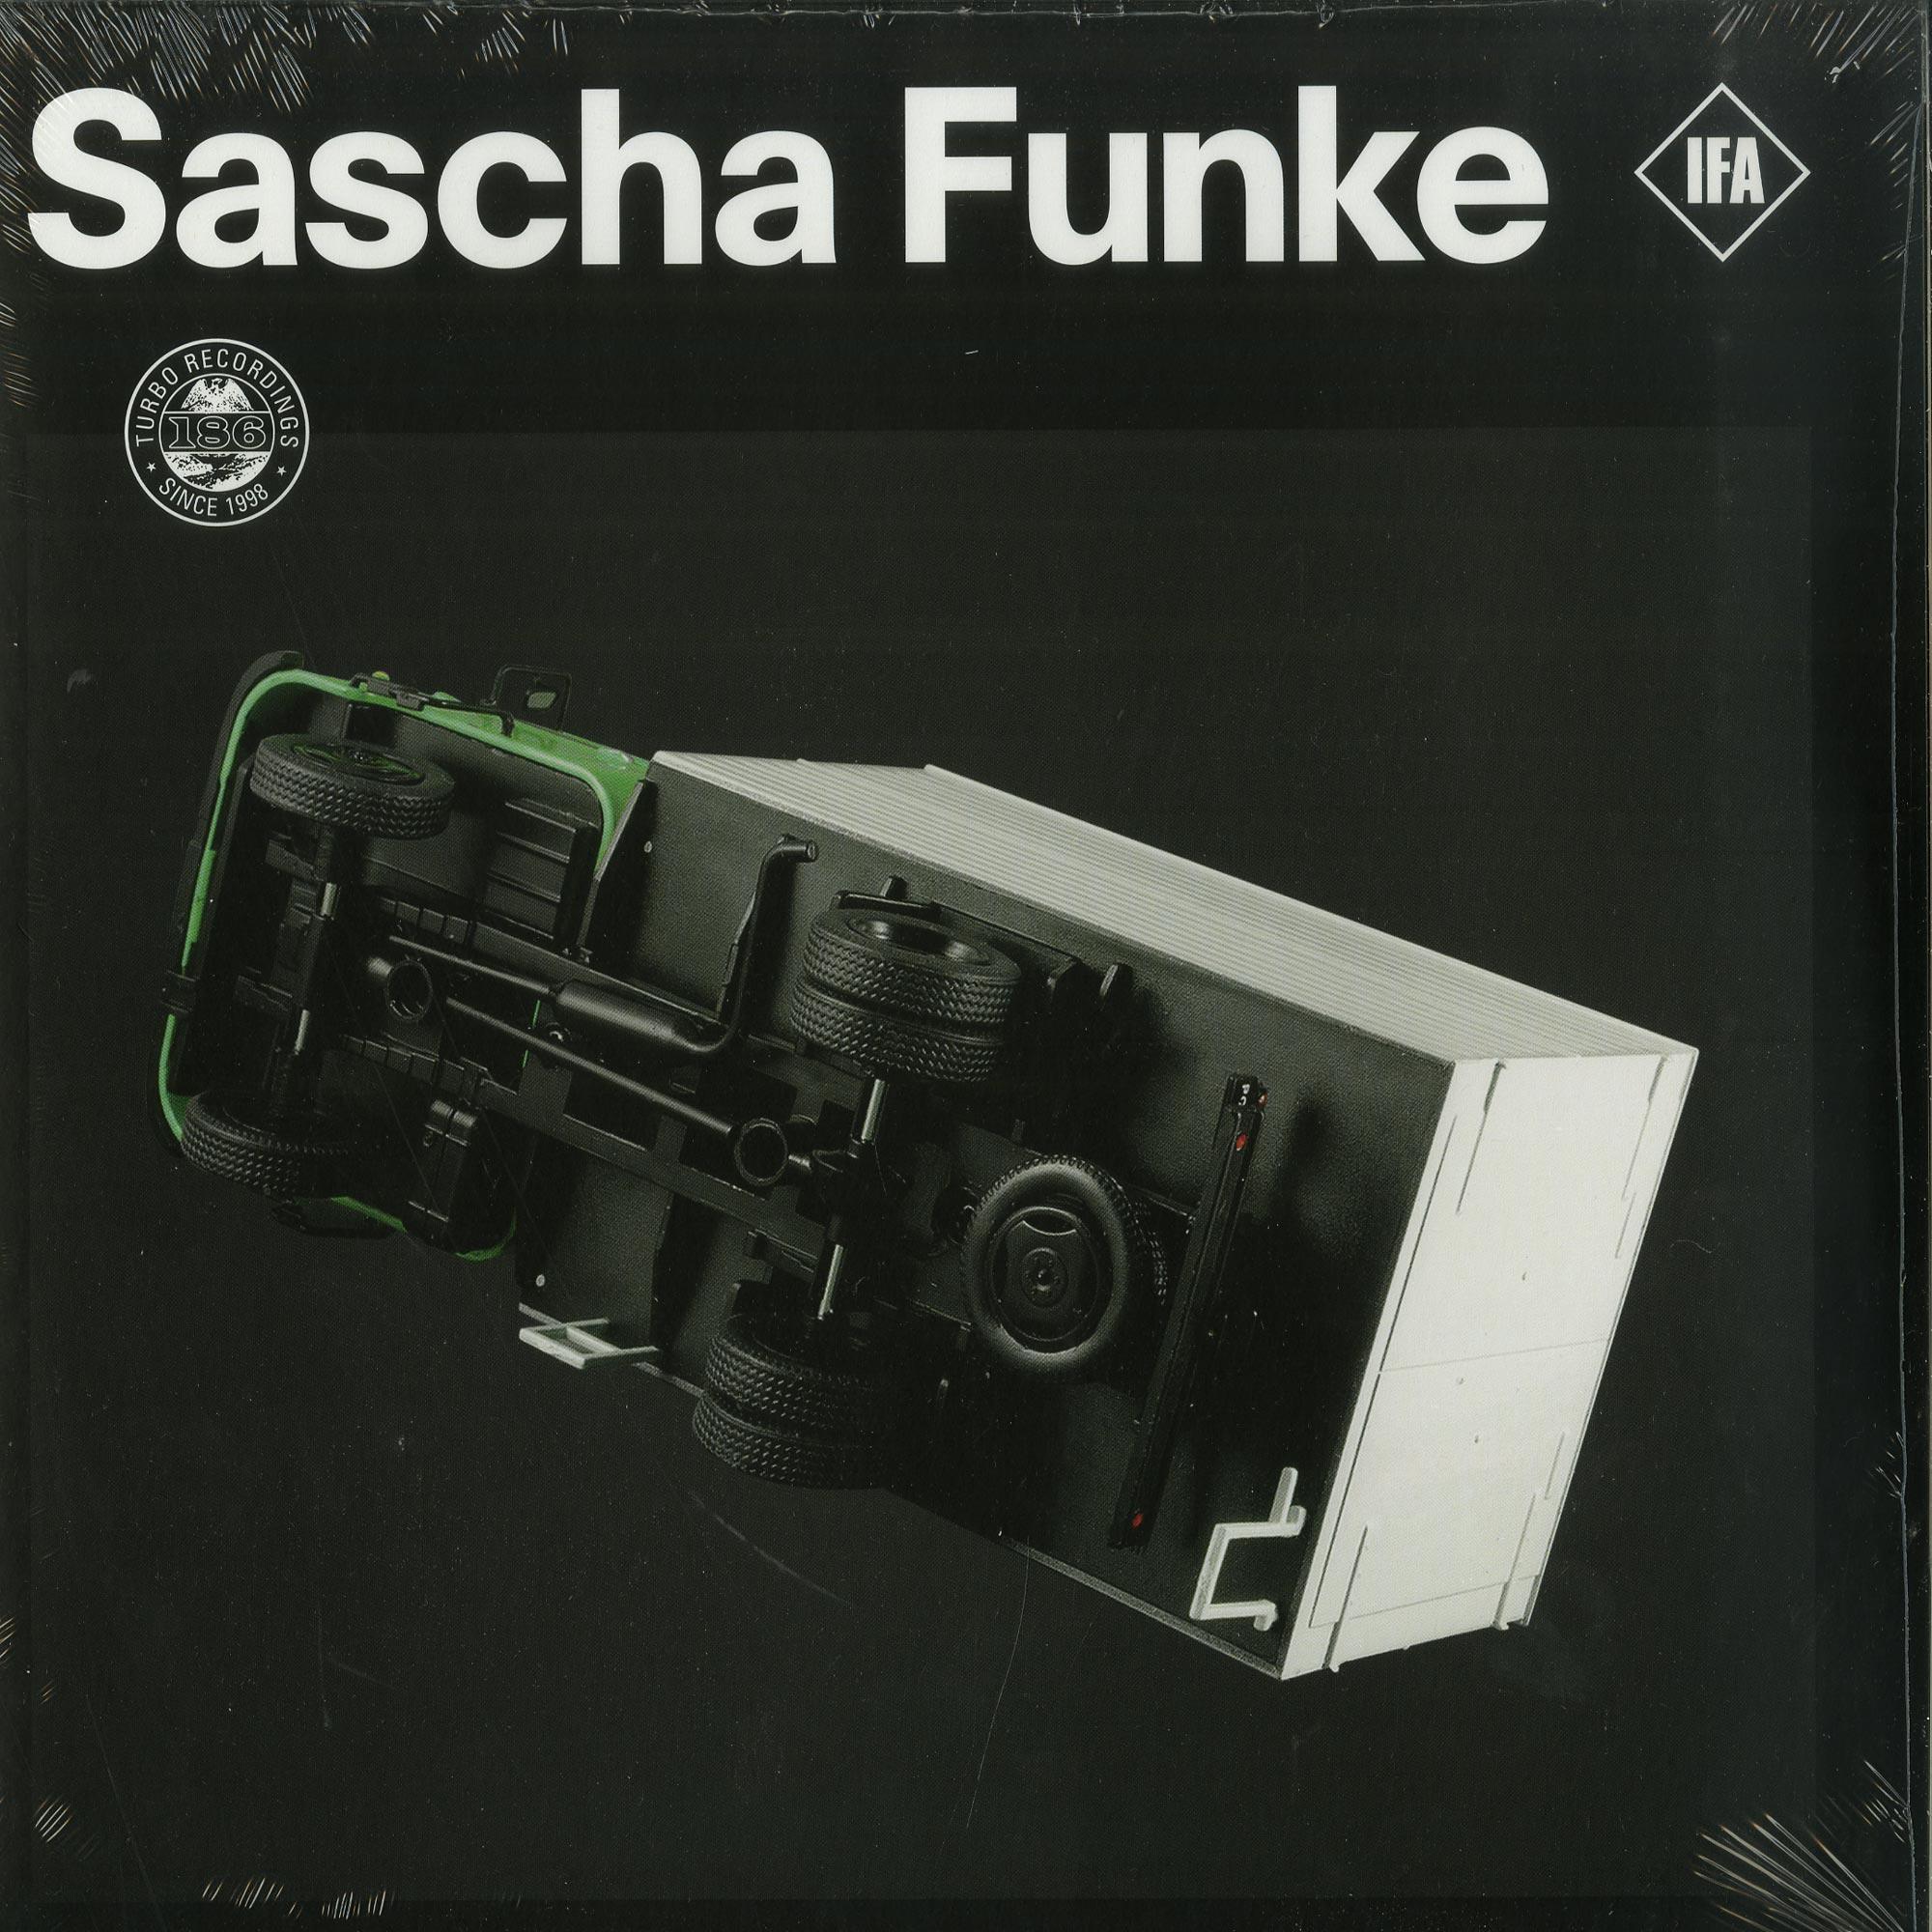 Sascha Funke - IFA